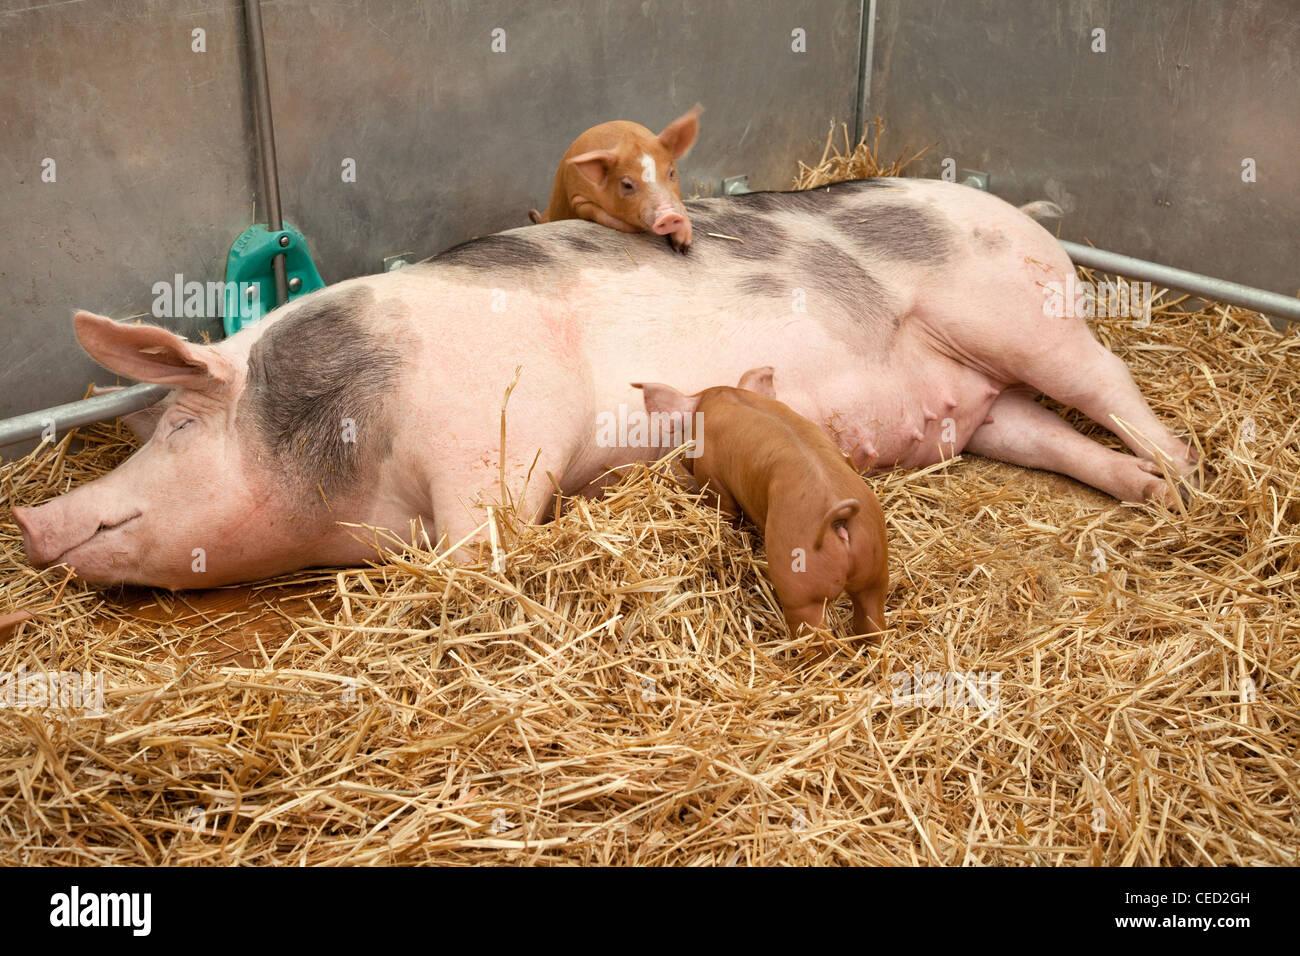 Säen Sie mit Ferkel - Weibliches Hausschwein Mit Ferkeln Im Stall Stockbild